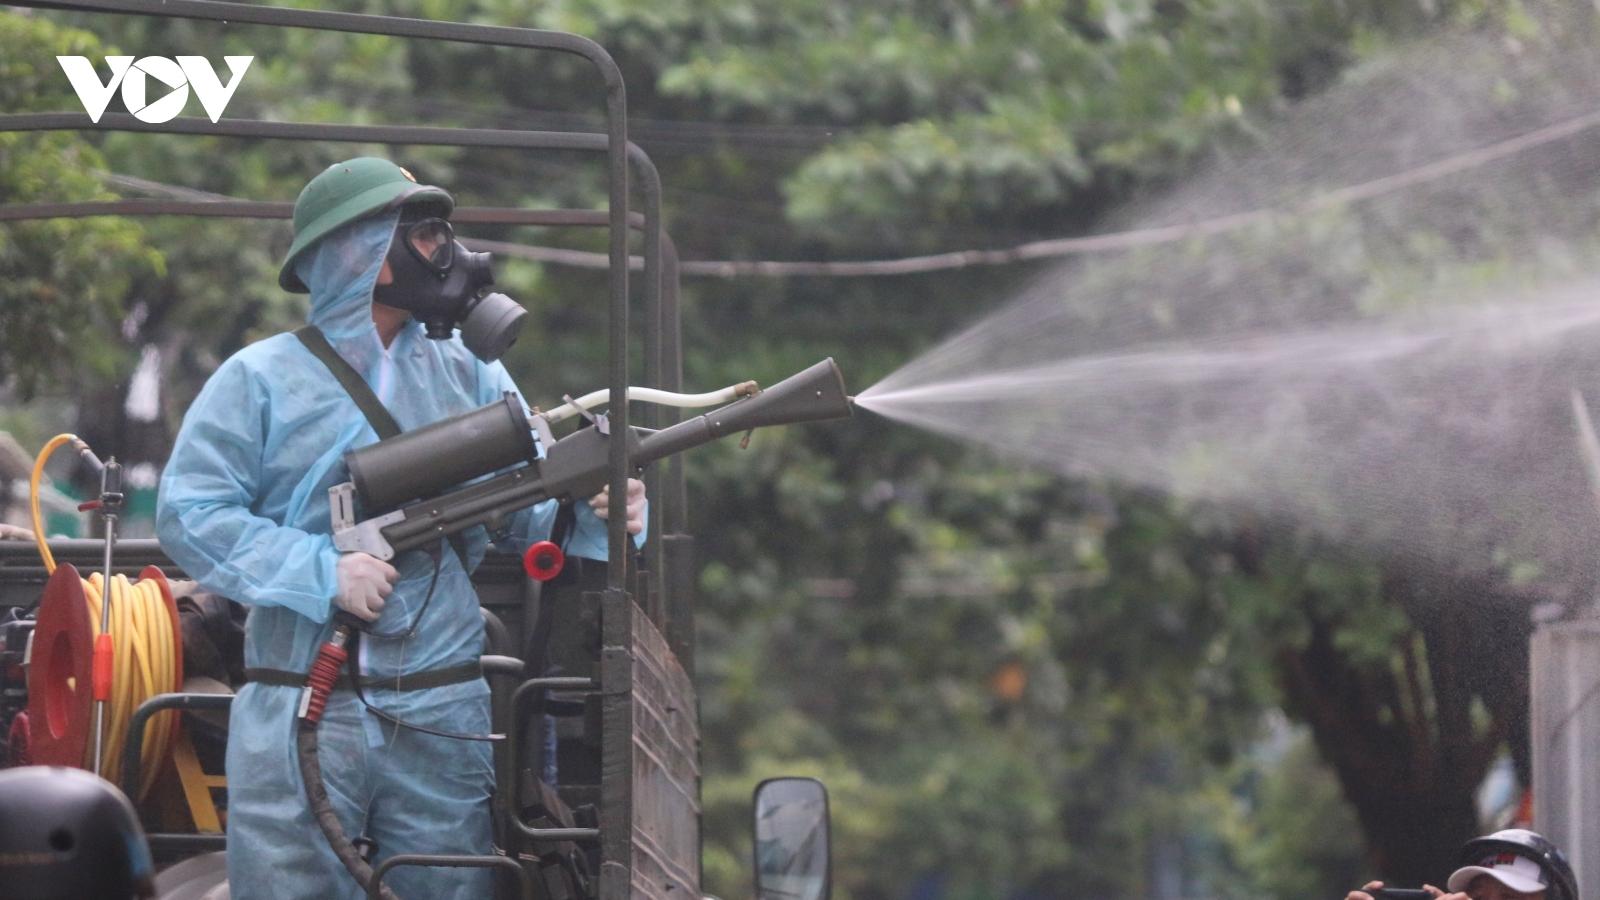 Sáng 8/6, Việt Nam có 43 ca mắc COVID-19 tại Bắc Giang, Bắc Ninh và TP.HCM